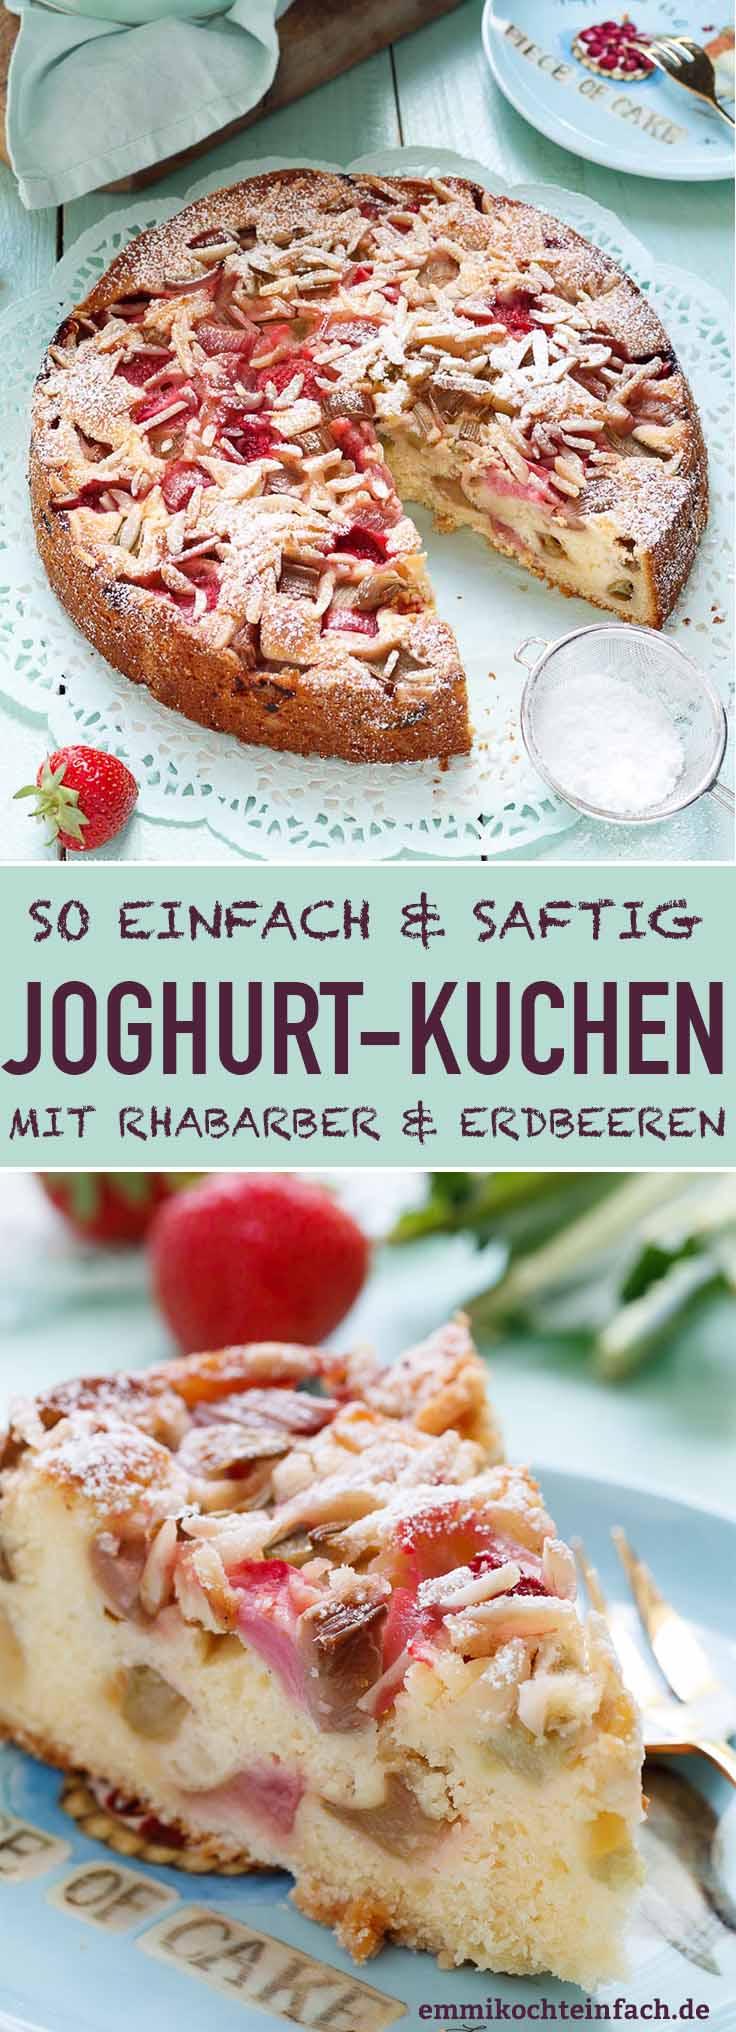 Saftiger Joghurtkuchen mit Rhabarber und Erdbeeren - www.emmikochteinfach.de